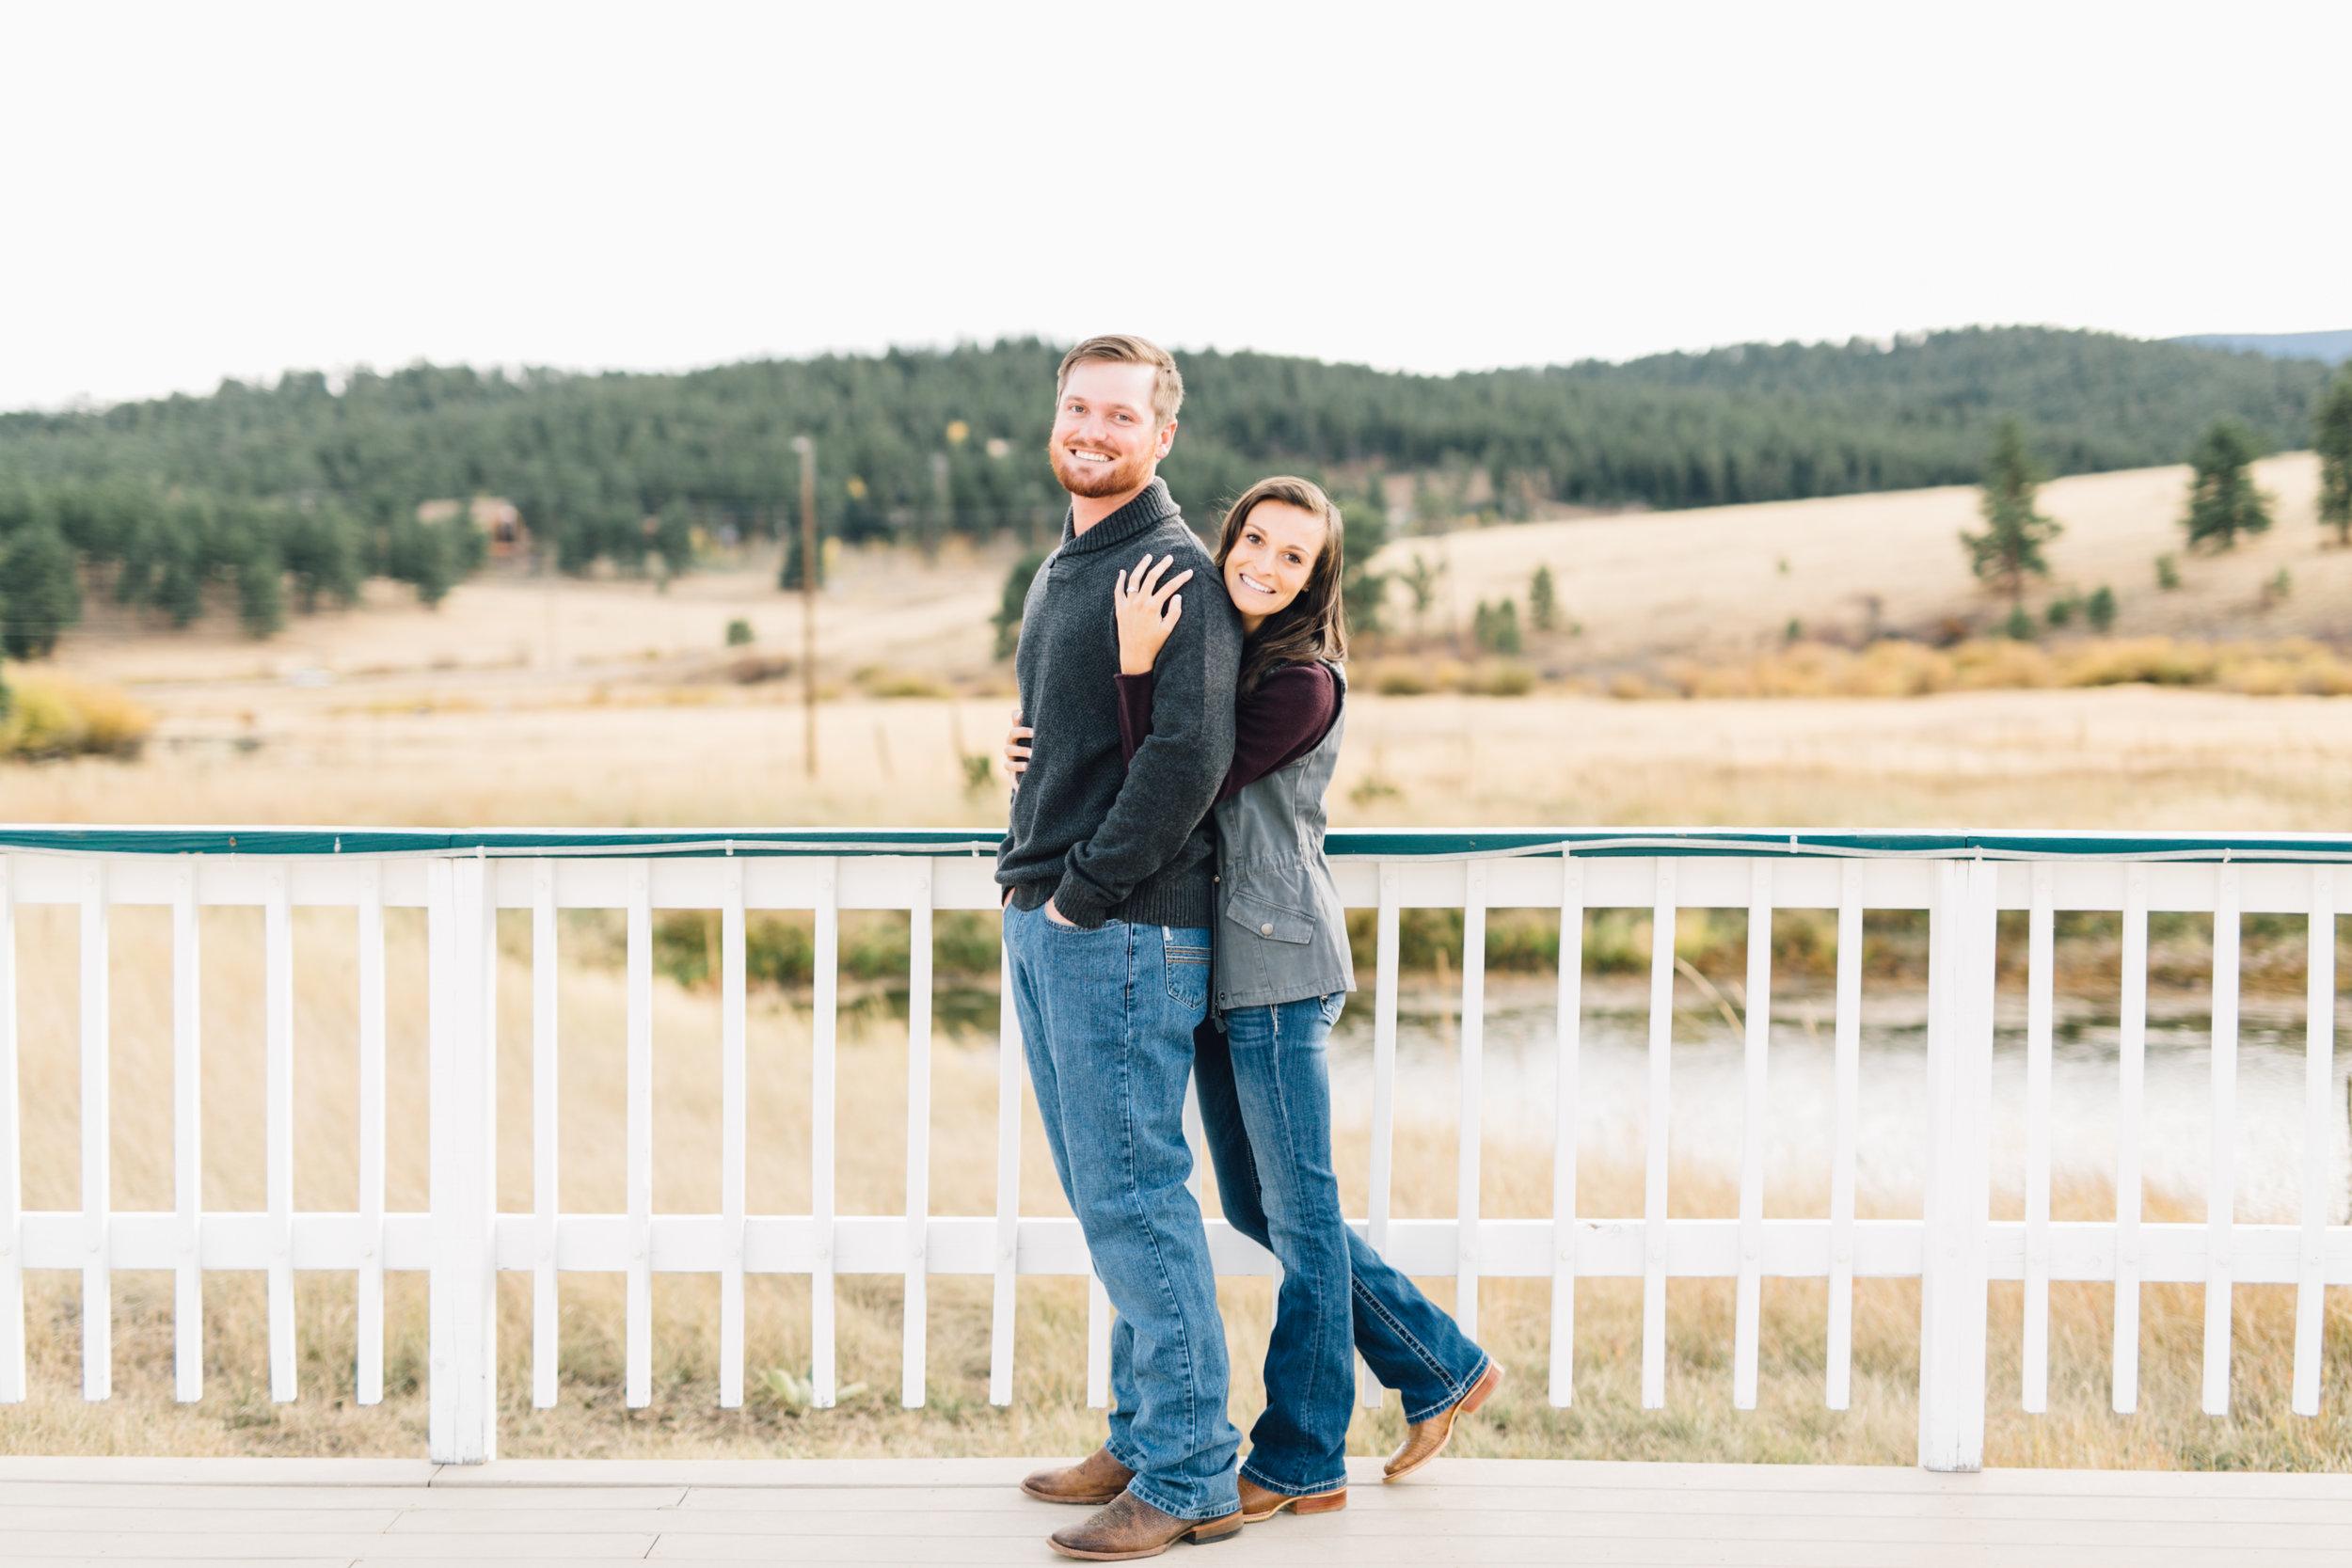 Natalie&StuartEngagement-21.jpg